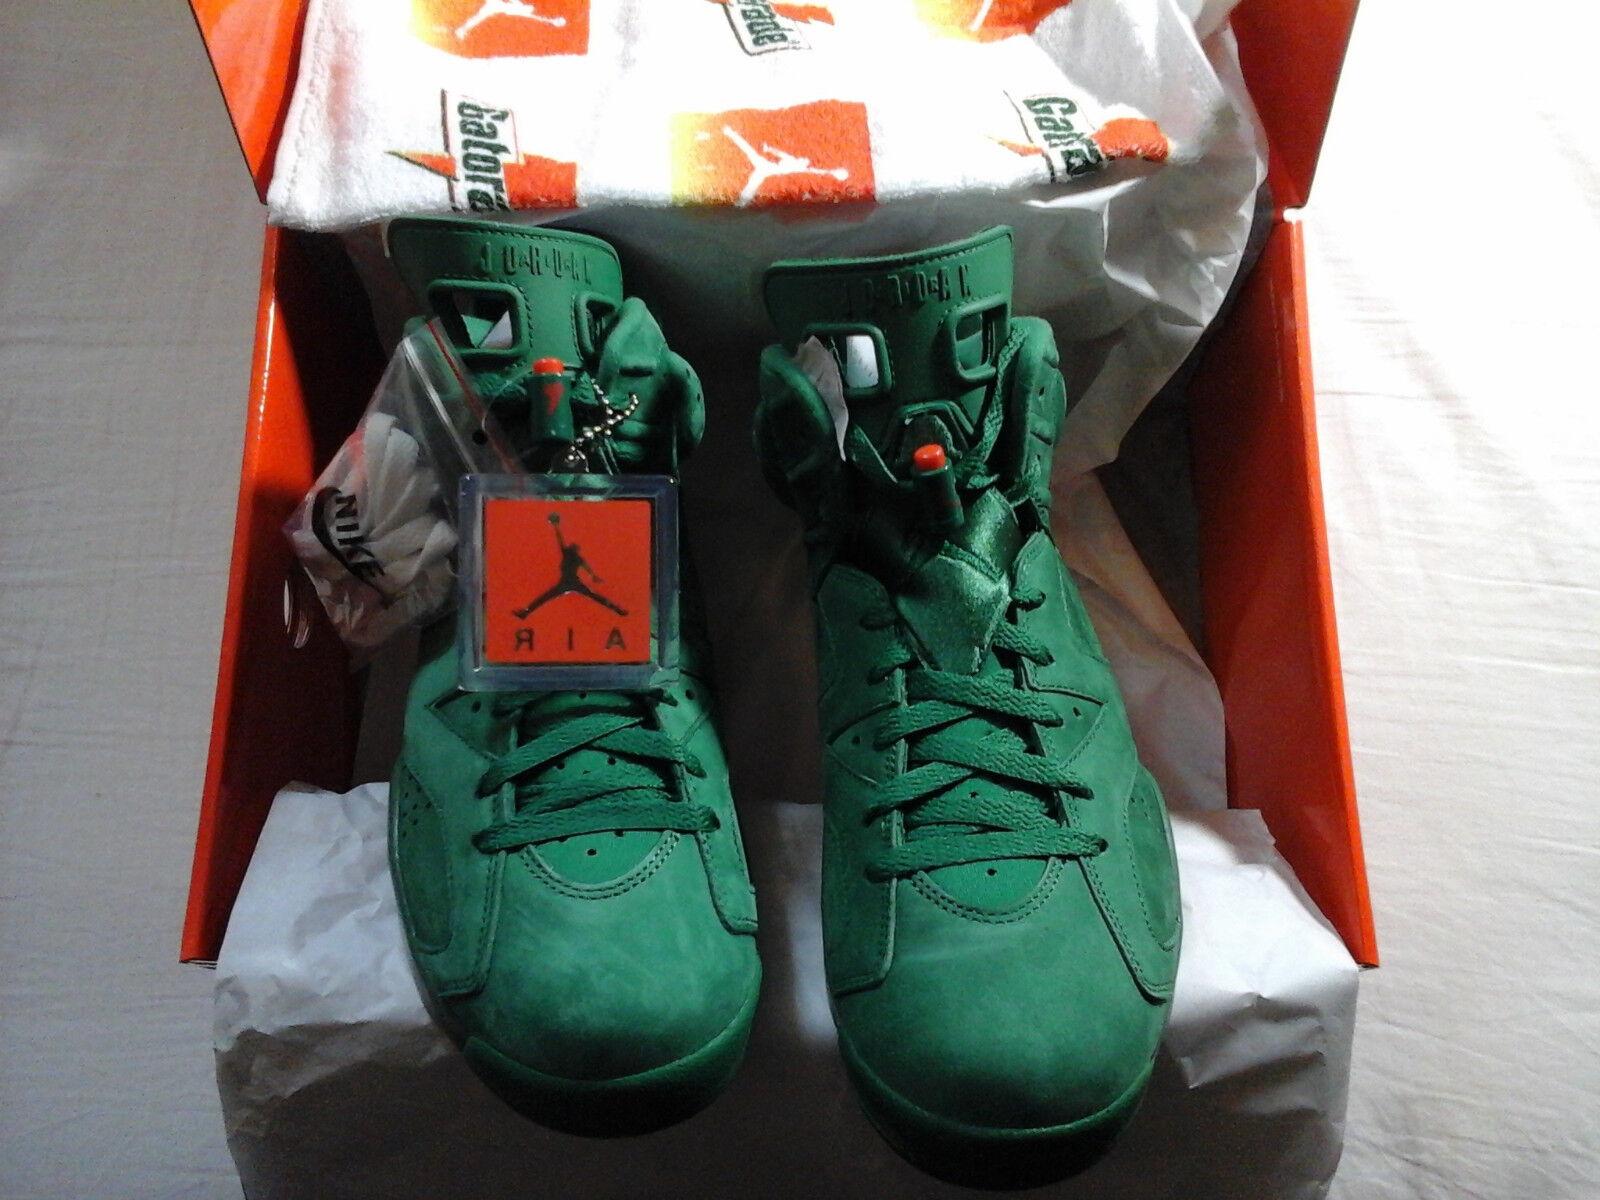 Messieurs / Dames New Balance AM574 Chaussures-Gris/Marron Louis, élabore Qualité Qualité Qualité et quantité garanties Boutique préférée 63cc31